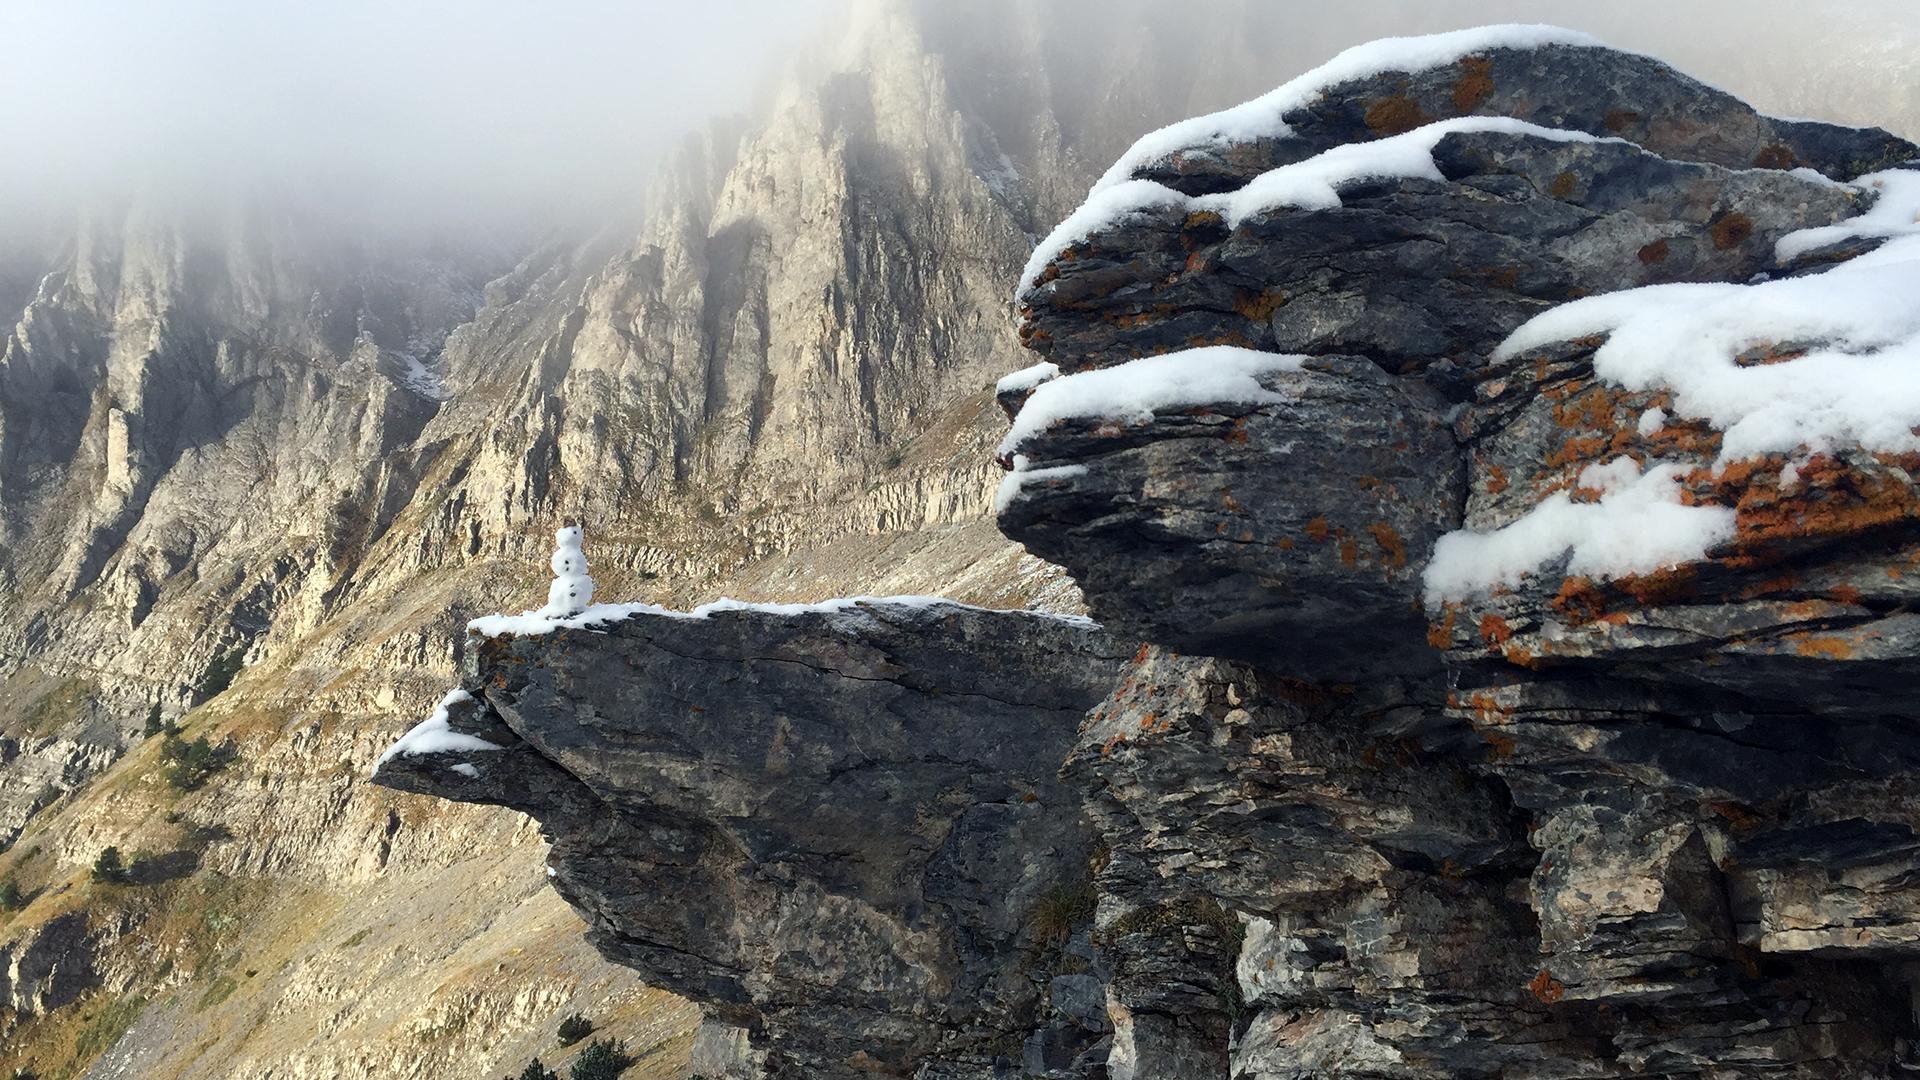 wysokość 2300 m n.p.m. i pojawiający się śnieg w drodze na Mitikas